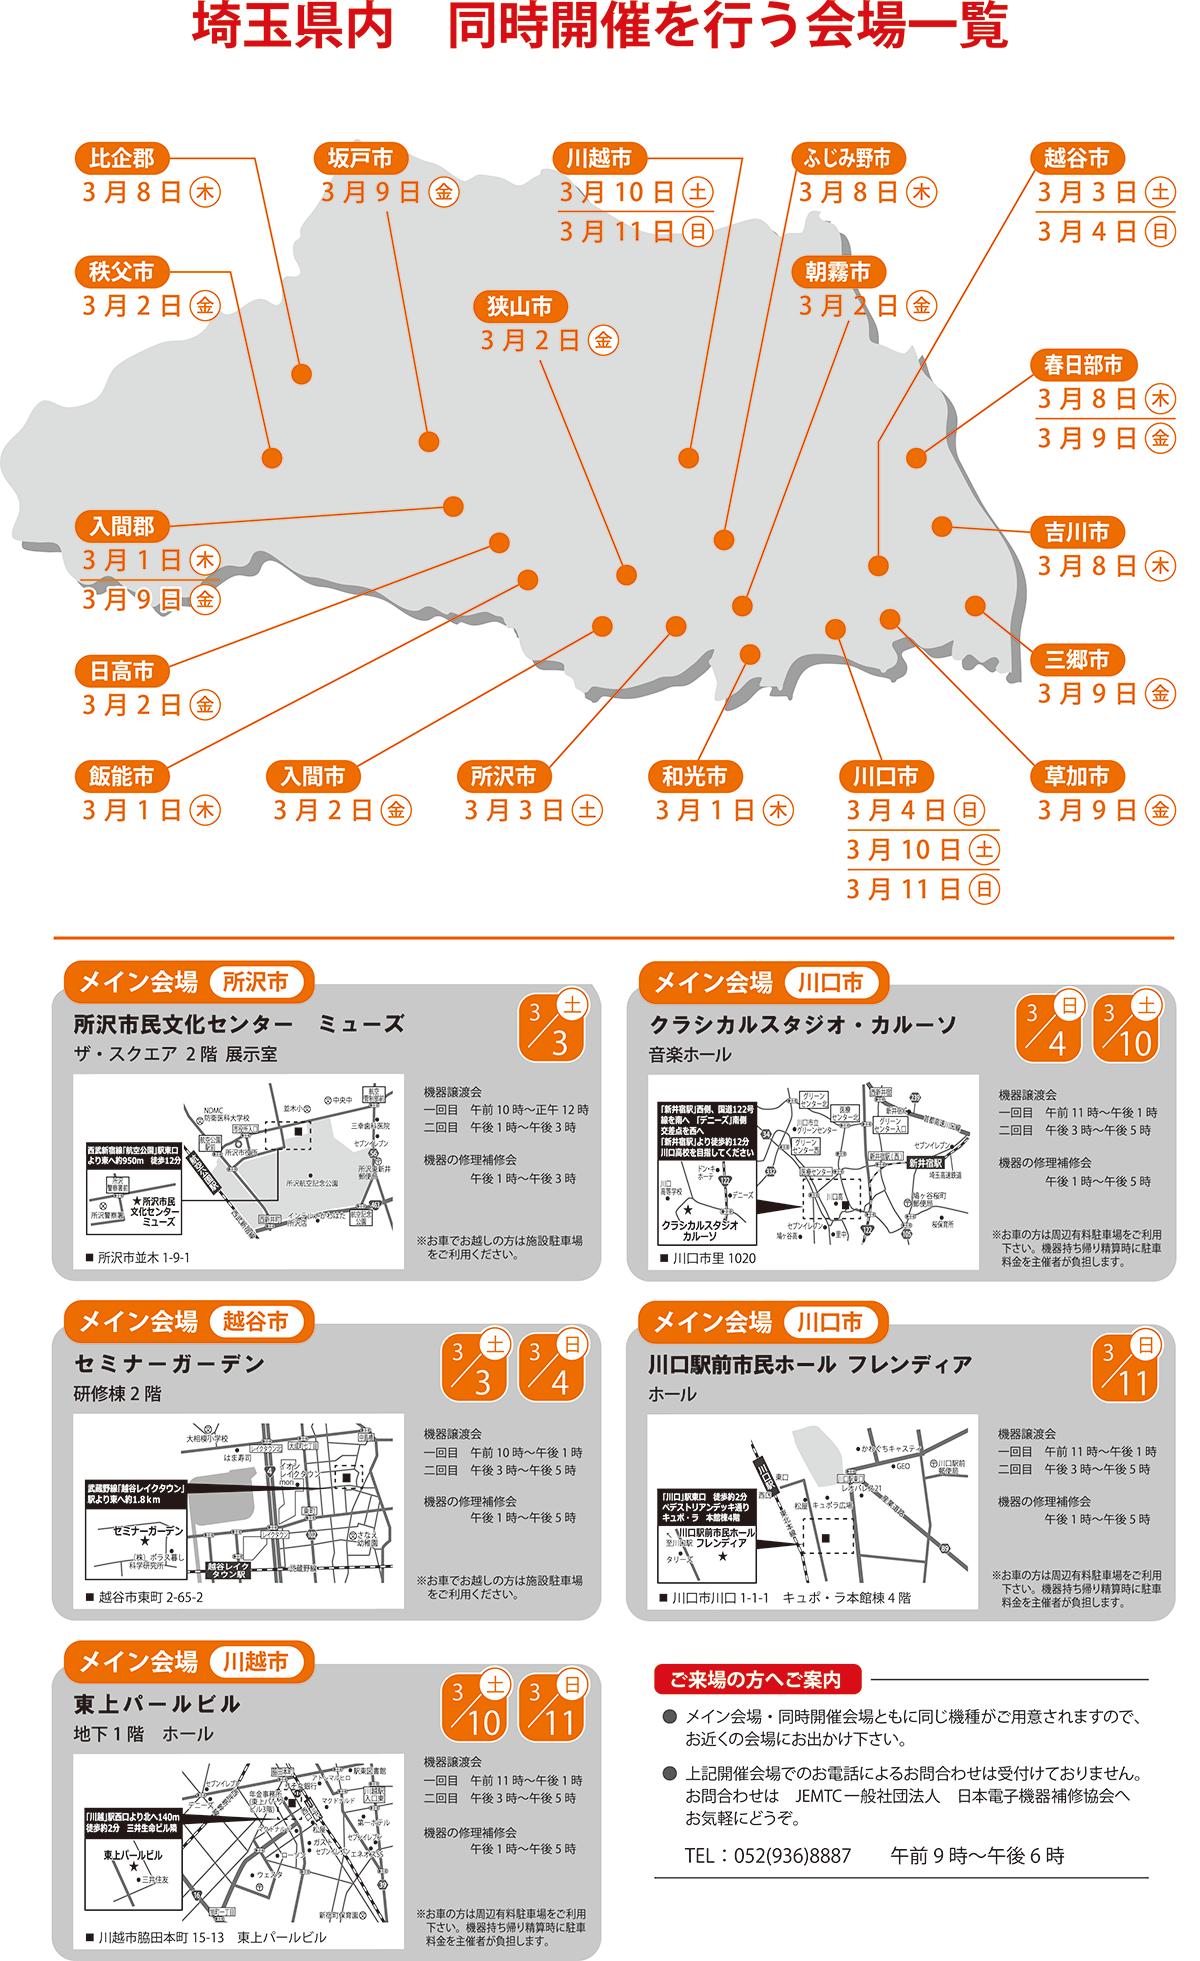 ジェムテクノートパソコン有償譲渡会in埼玉_他開催会場